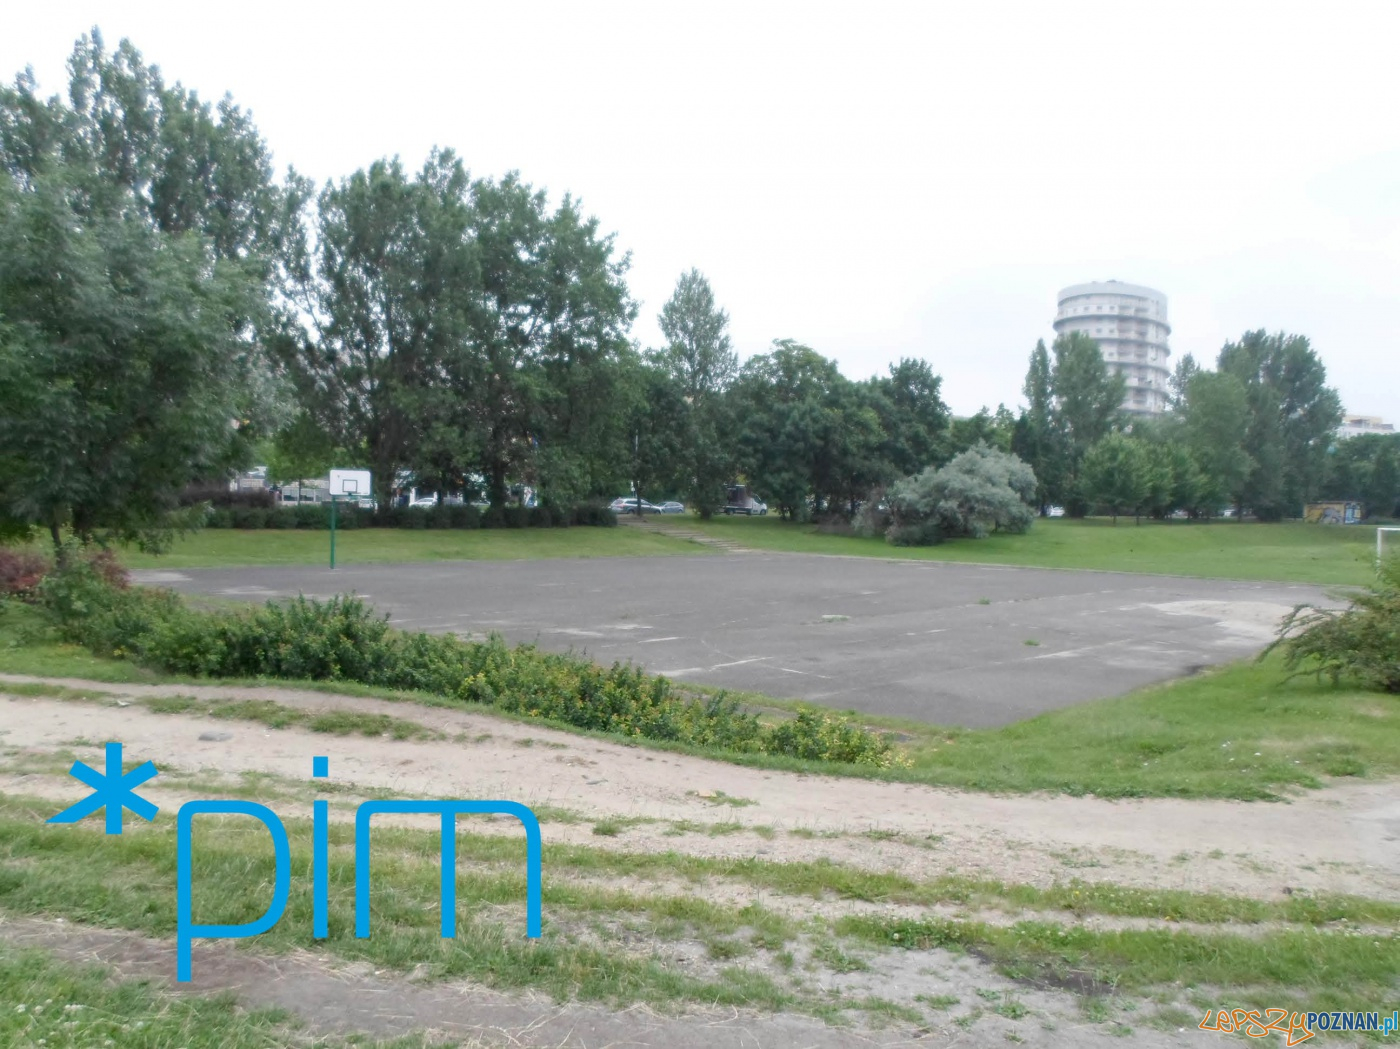 Nowe skateparki powstaną w Poznaniu (5)  Foto: PIM / materiały prasowe